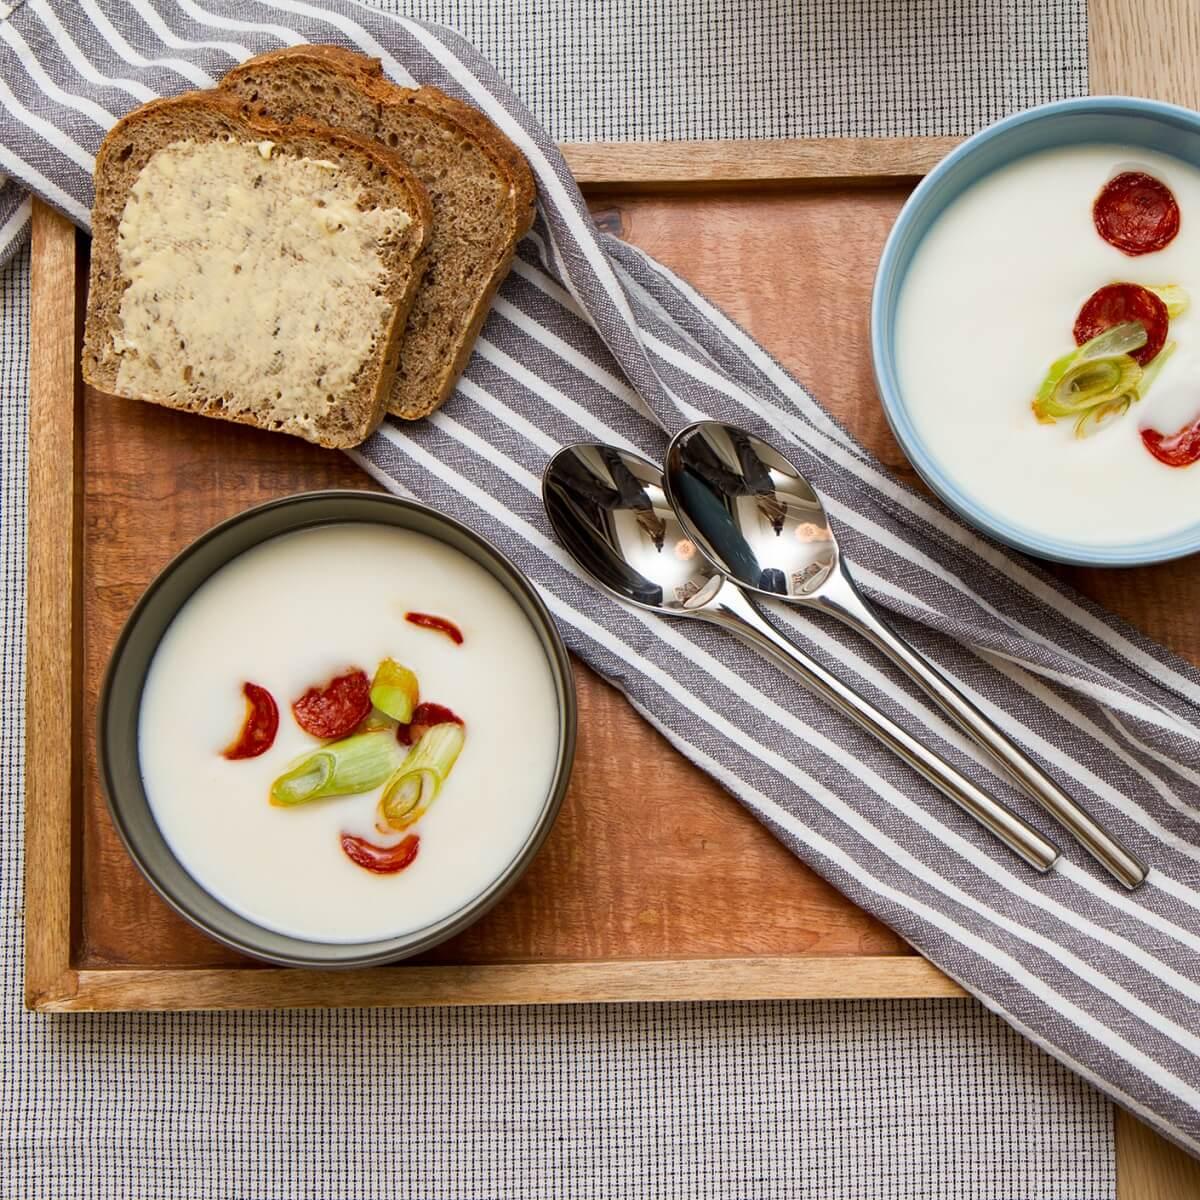 Kremet blomkålsuppe servert med brød og smør